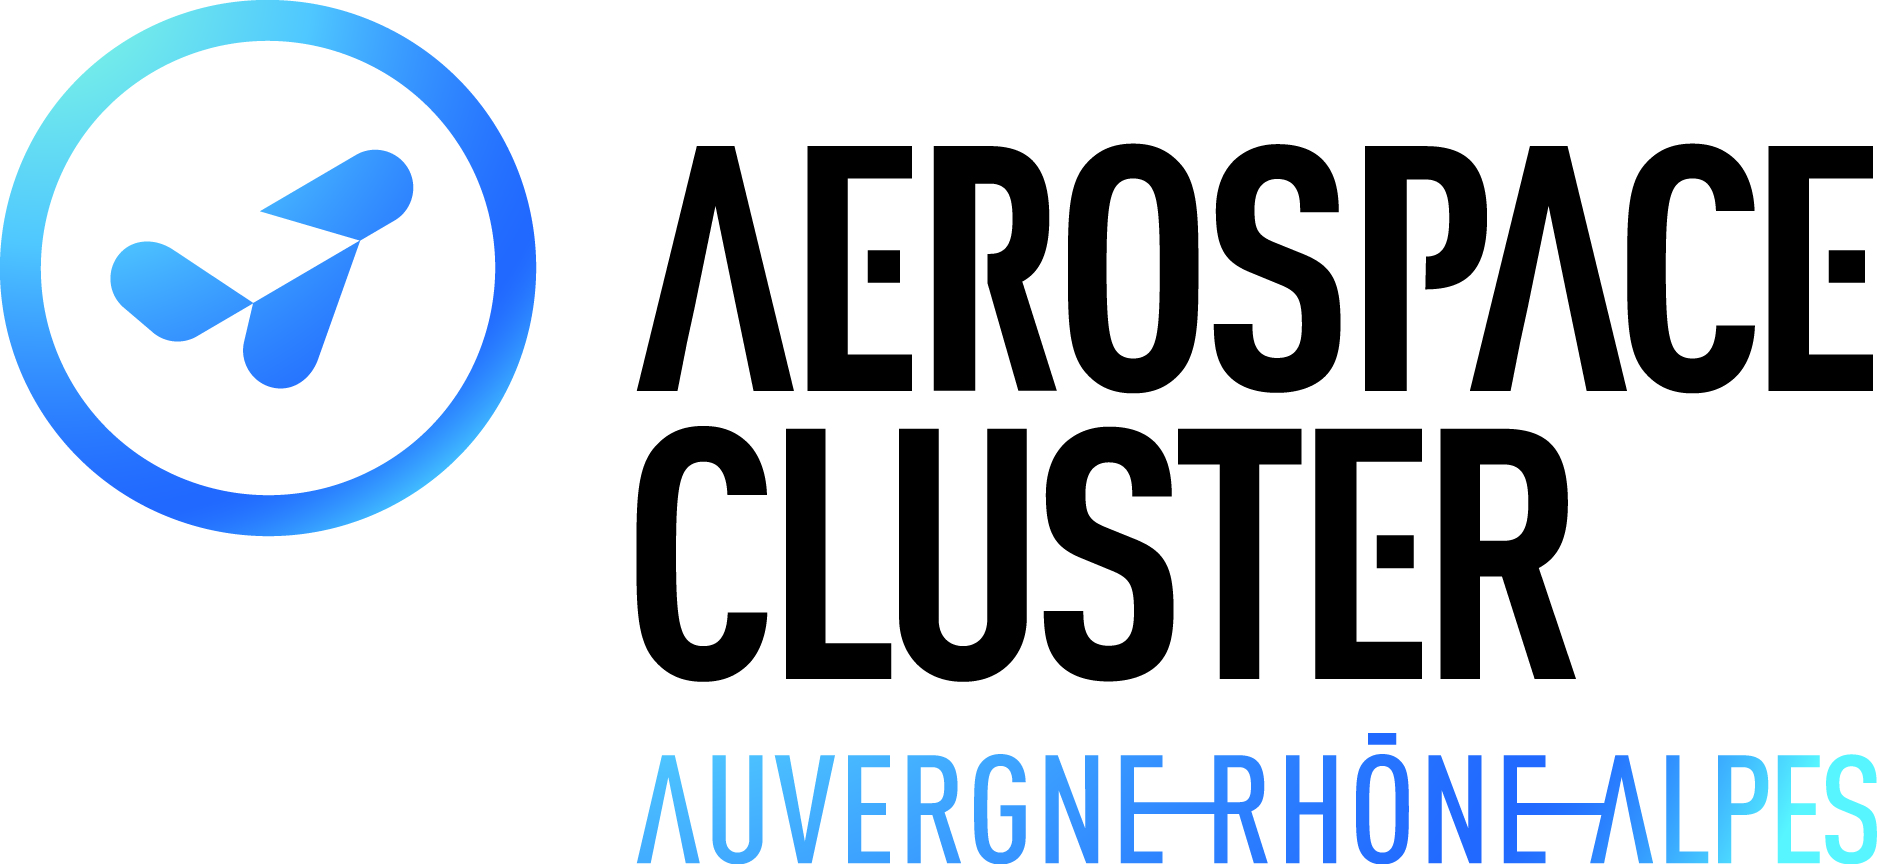 AEROSPACE CLUSTER ARA_Quadri